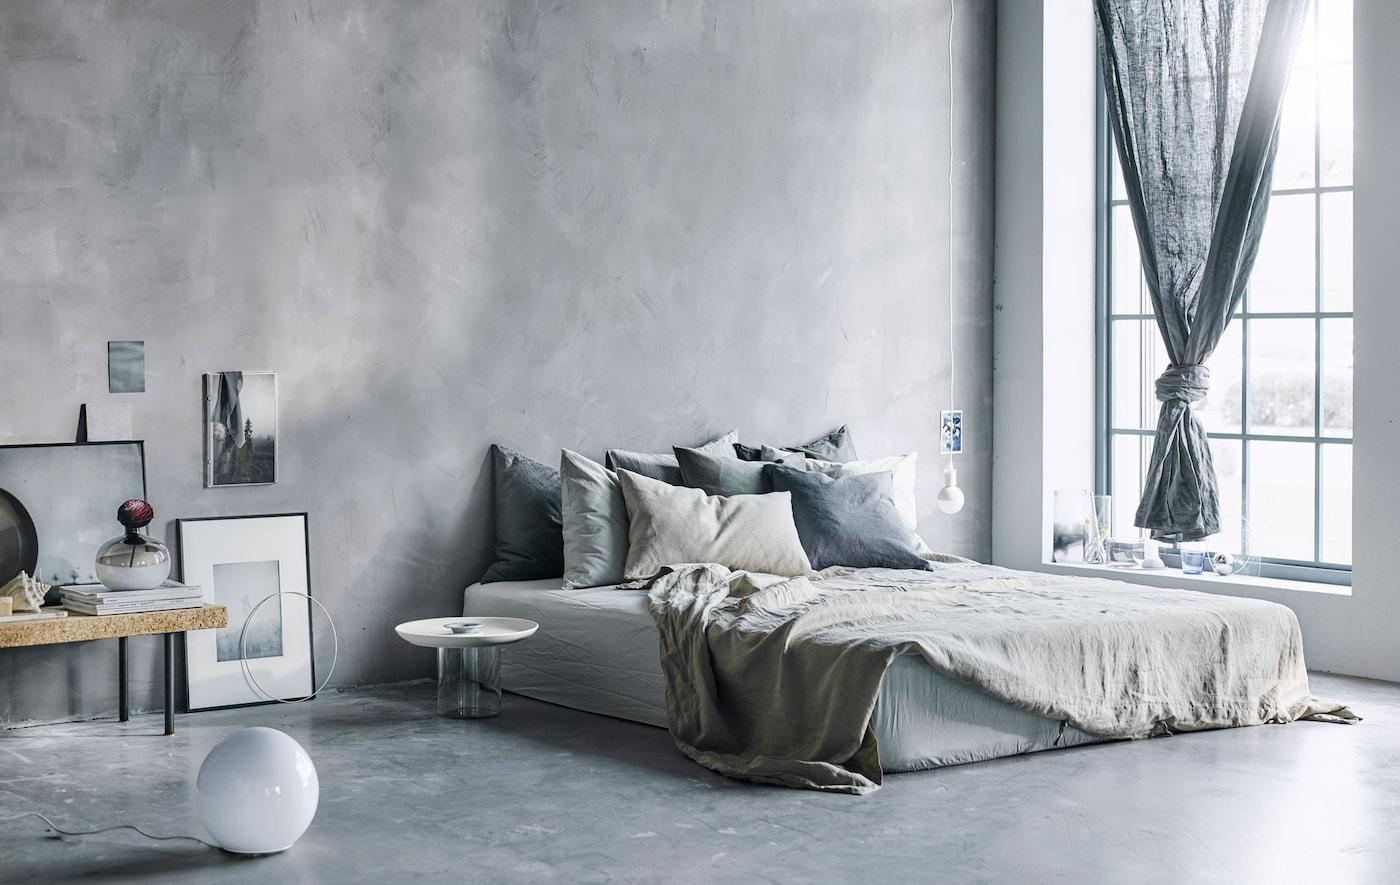 سرير رمادي كبير، شراشف سرير جديده ومخدات، ومنسوجات منسدلة. كيف تبدو غرفة نوم أحلامك؟